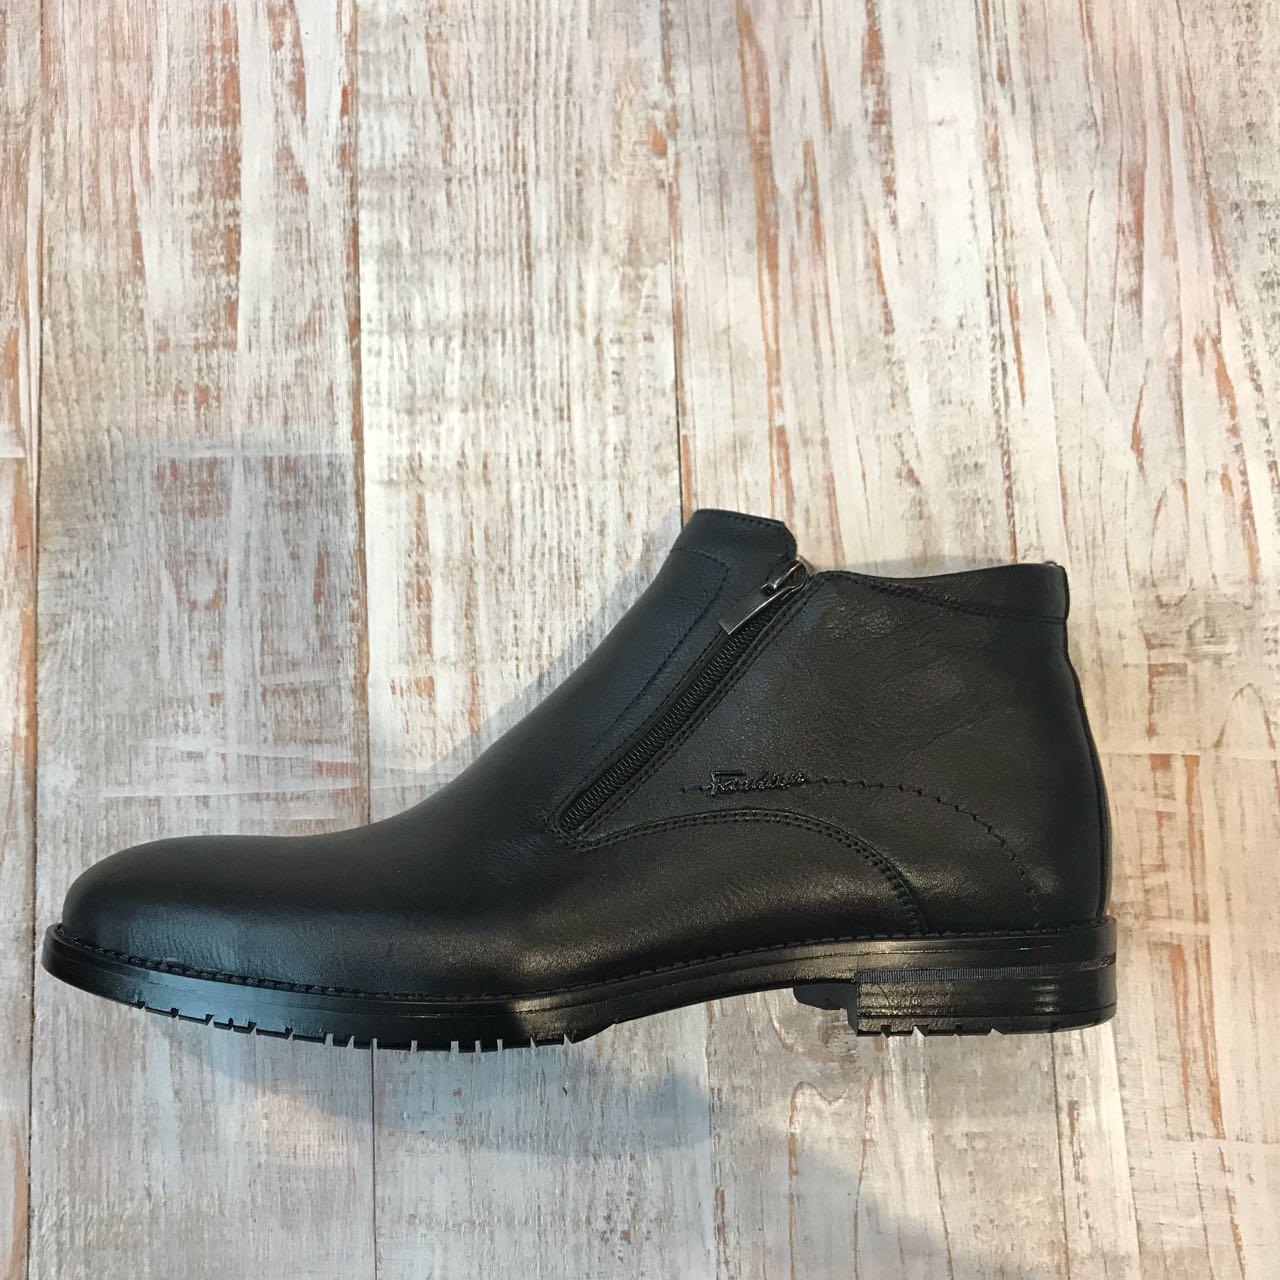 Зимние ботинки Stas 44-45 размер